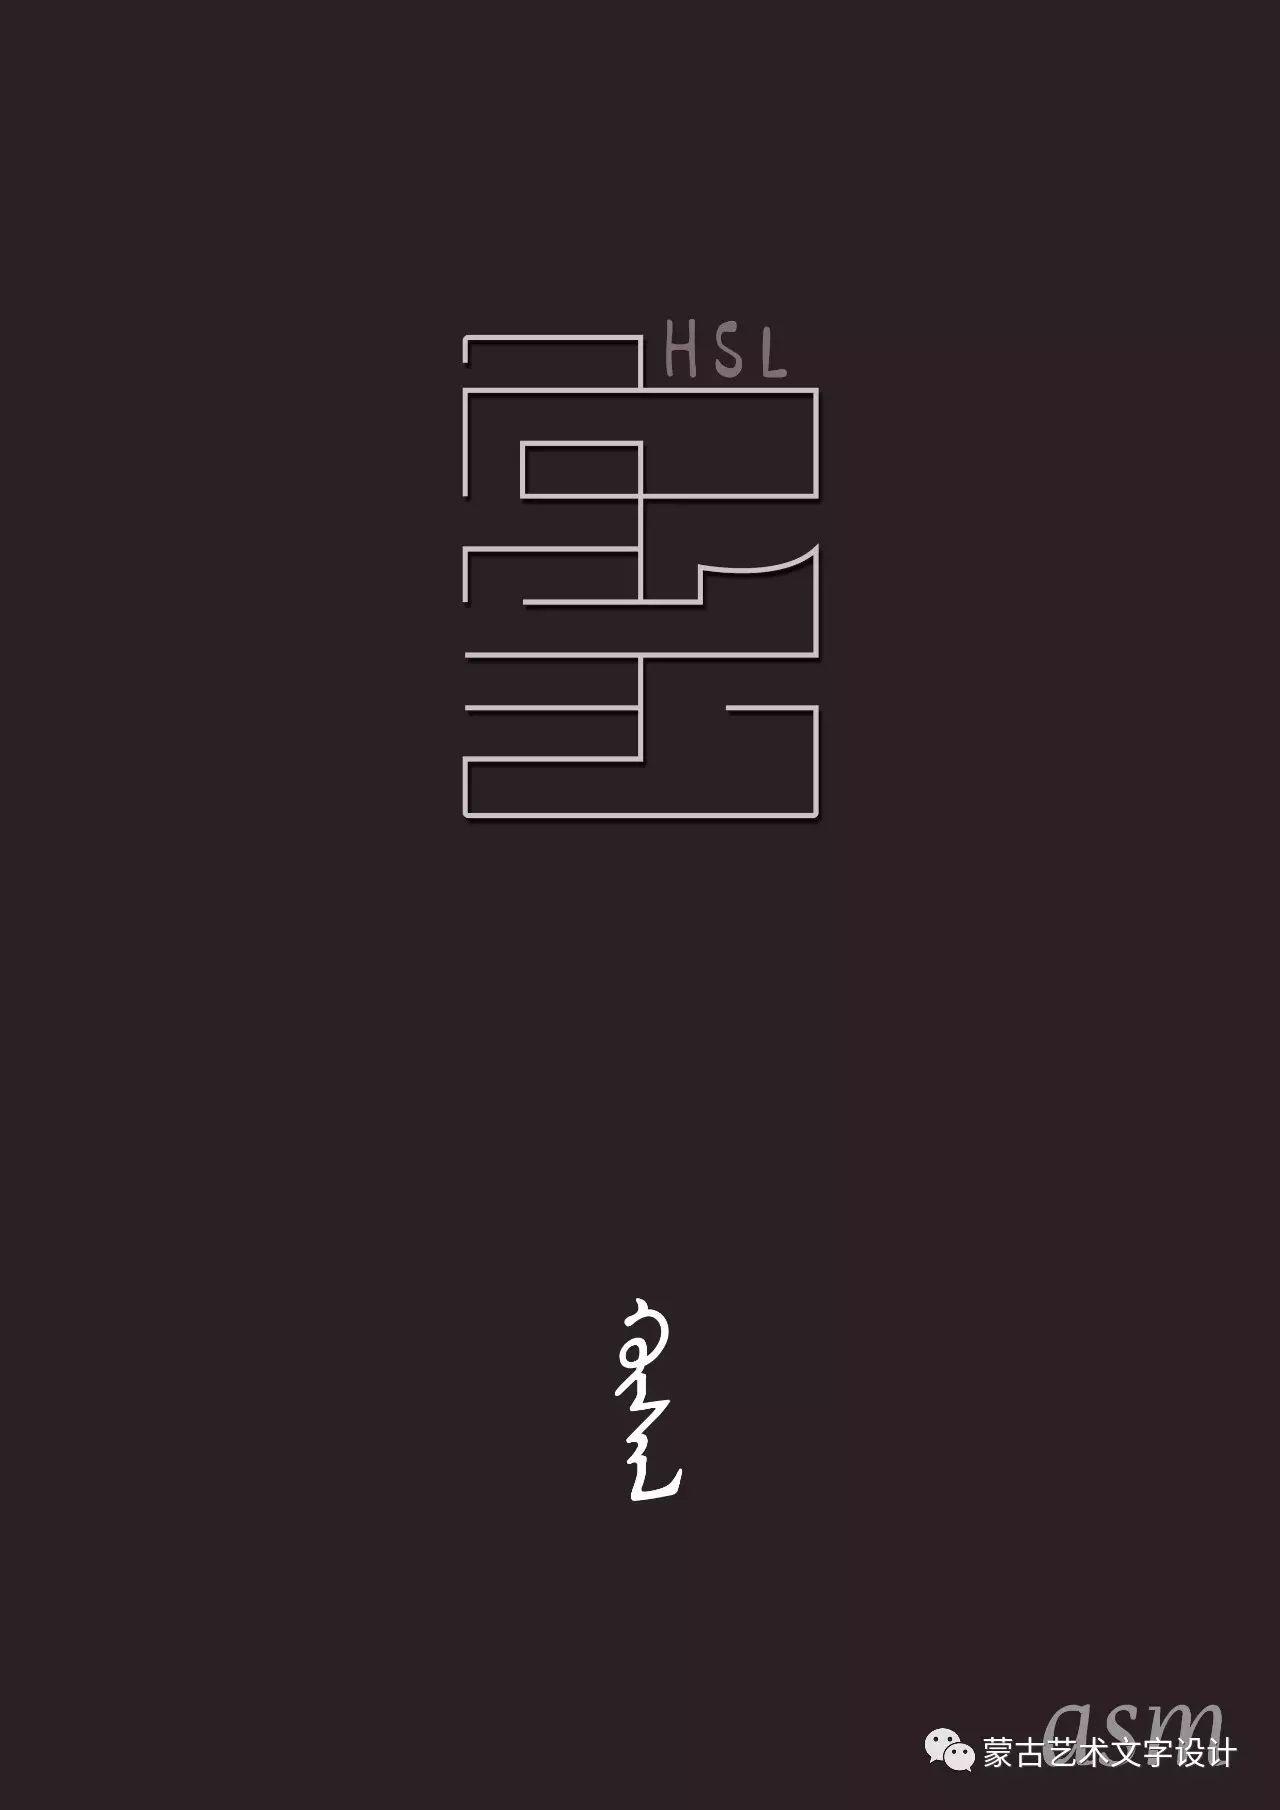 蒙古艺术文字设计 第49张